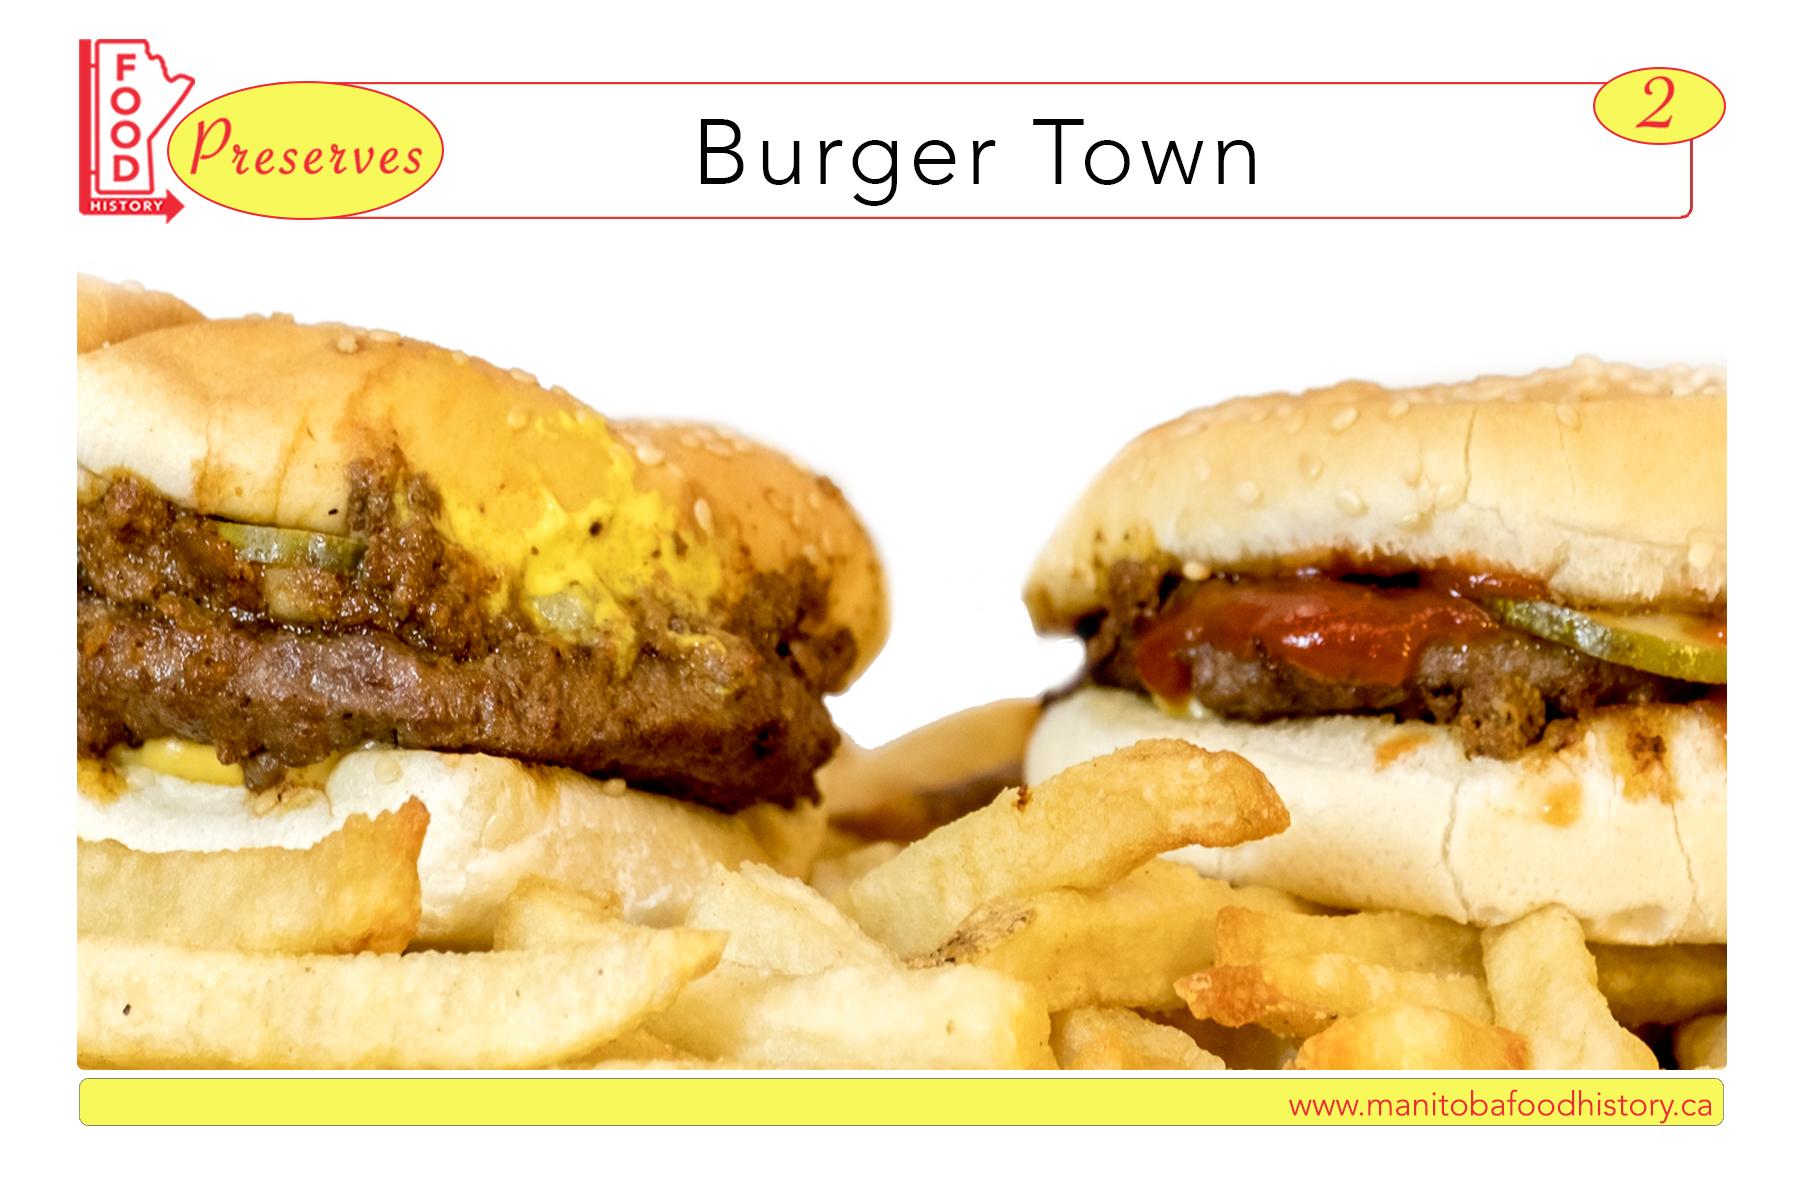 Burgertown Postcard 4x6 WEB.jpg